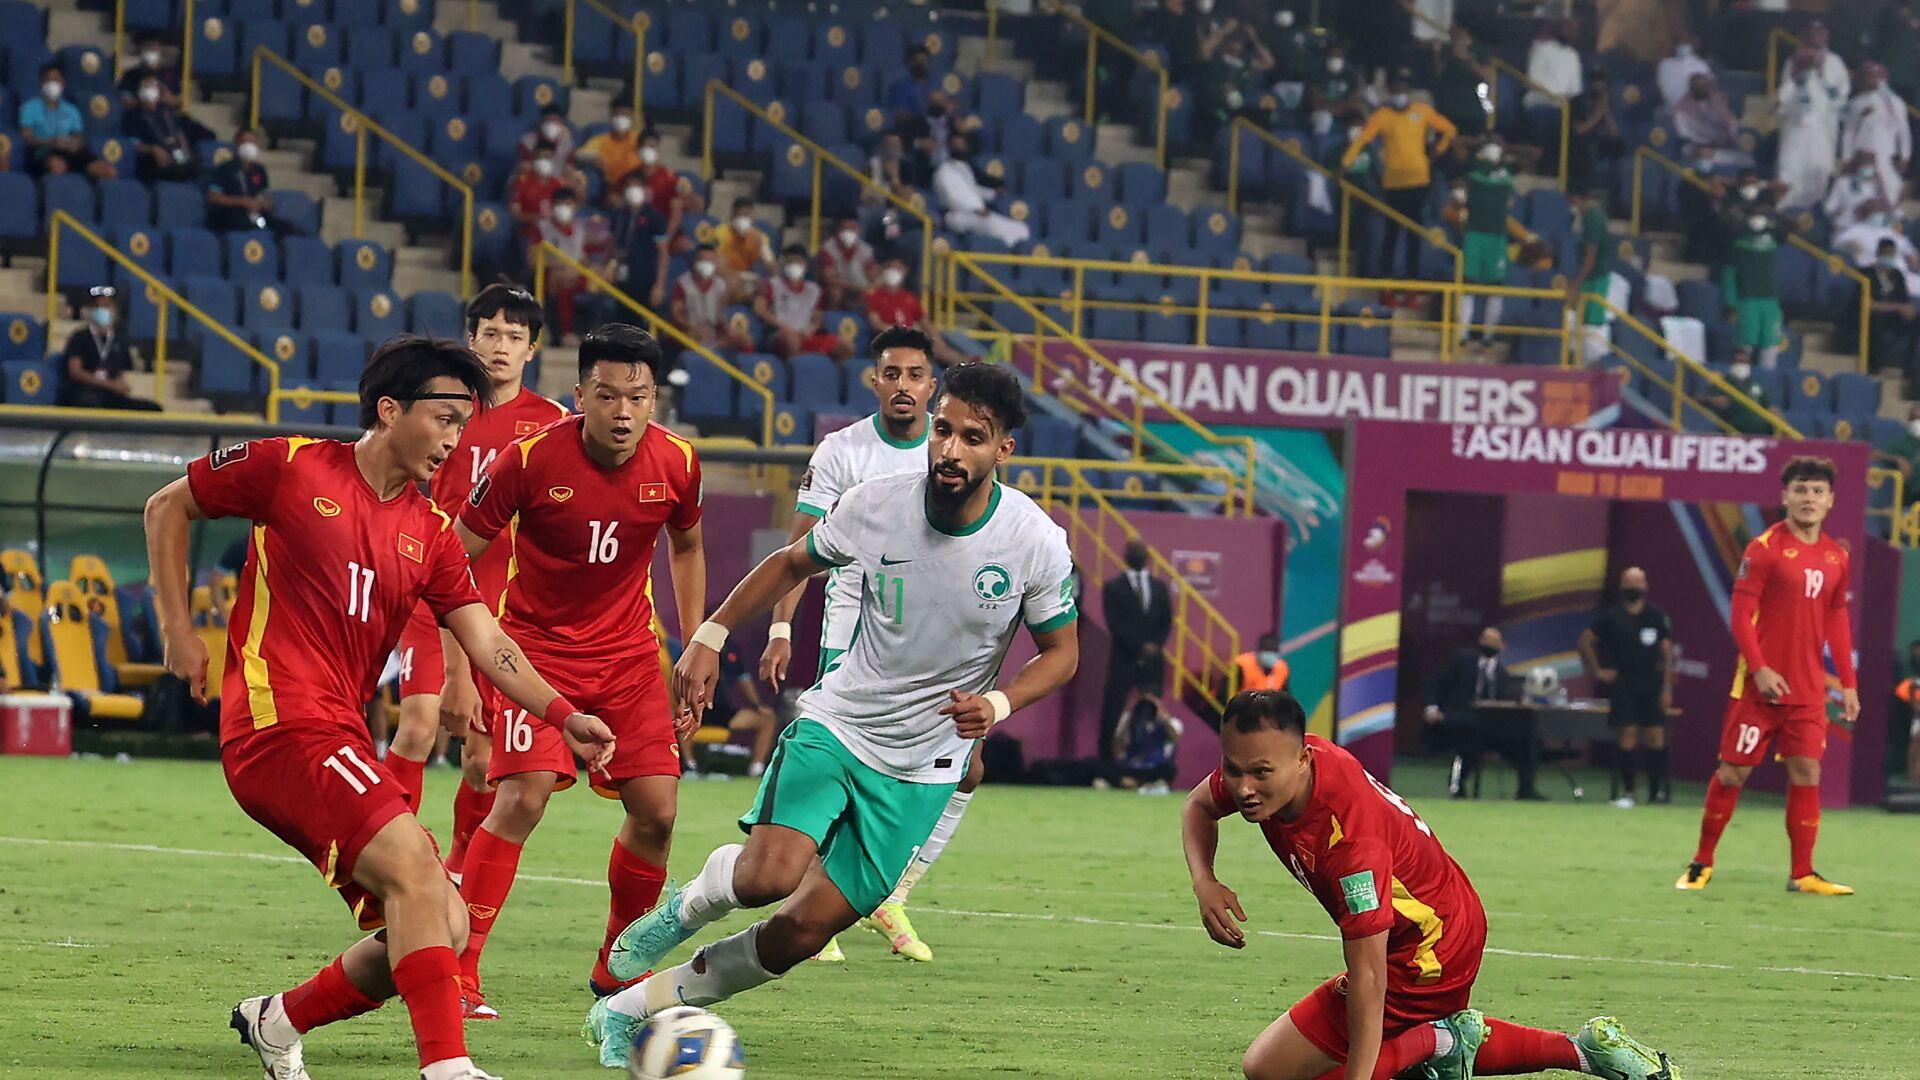 Trận mở màn AFC Asian Qualifiers - Road to Qatar, vòng loại thứ ba World Cup 2022 khu vực châu Á. - Sputnik Việt Nam, 1920, 03.09.2021